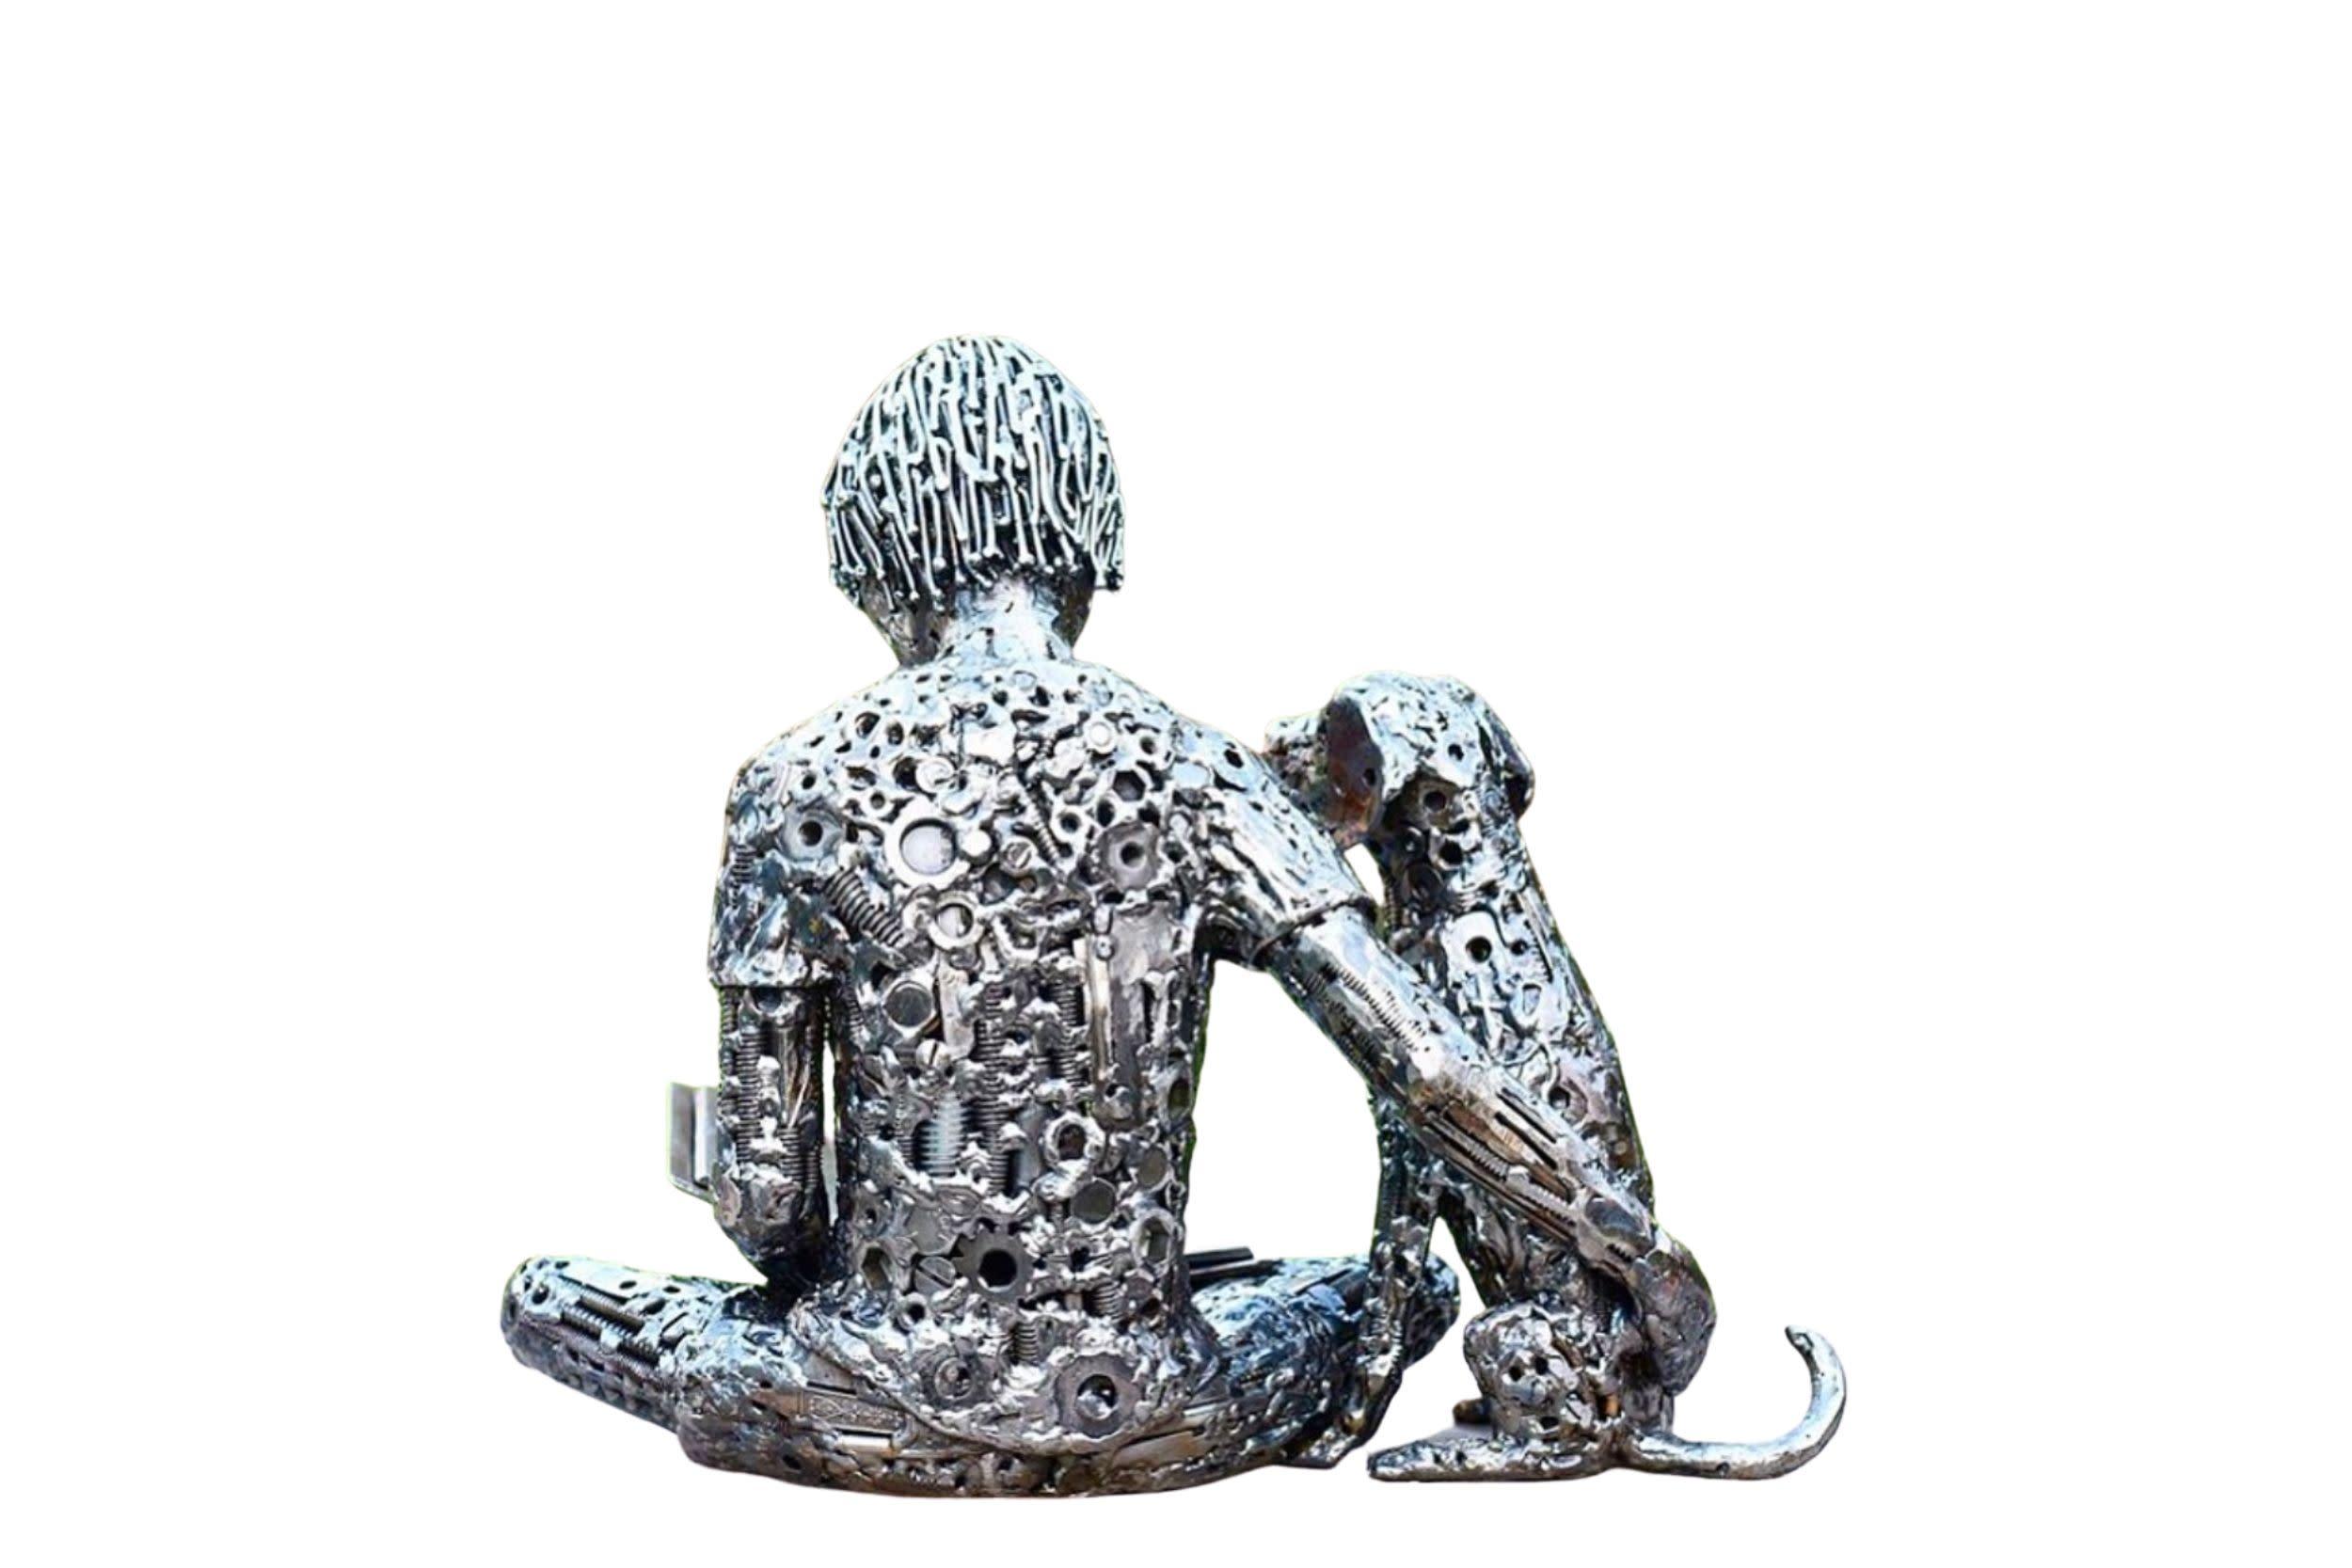 <div class='title'>           Brian Mock Artist Maui Art Galleries Evo Art Maui Sculpture 3         </div>